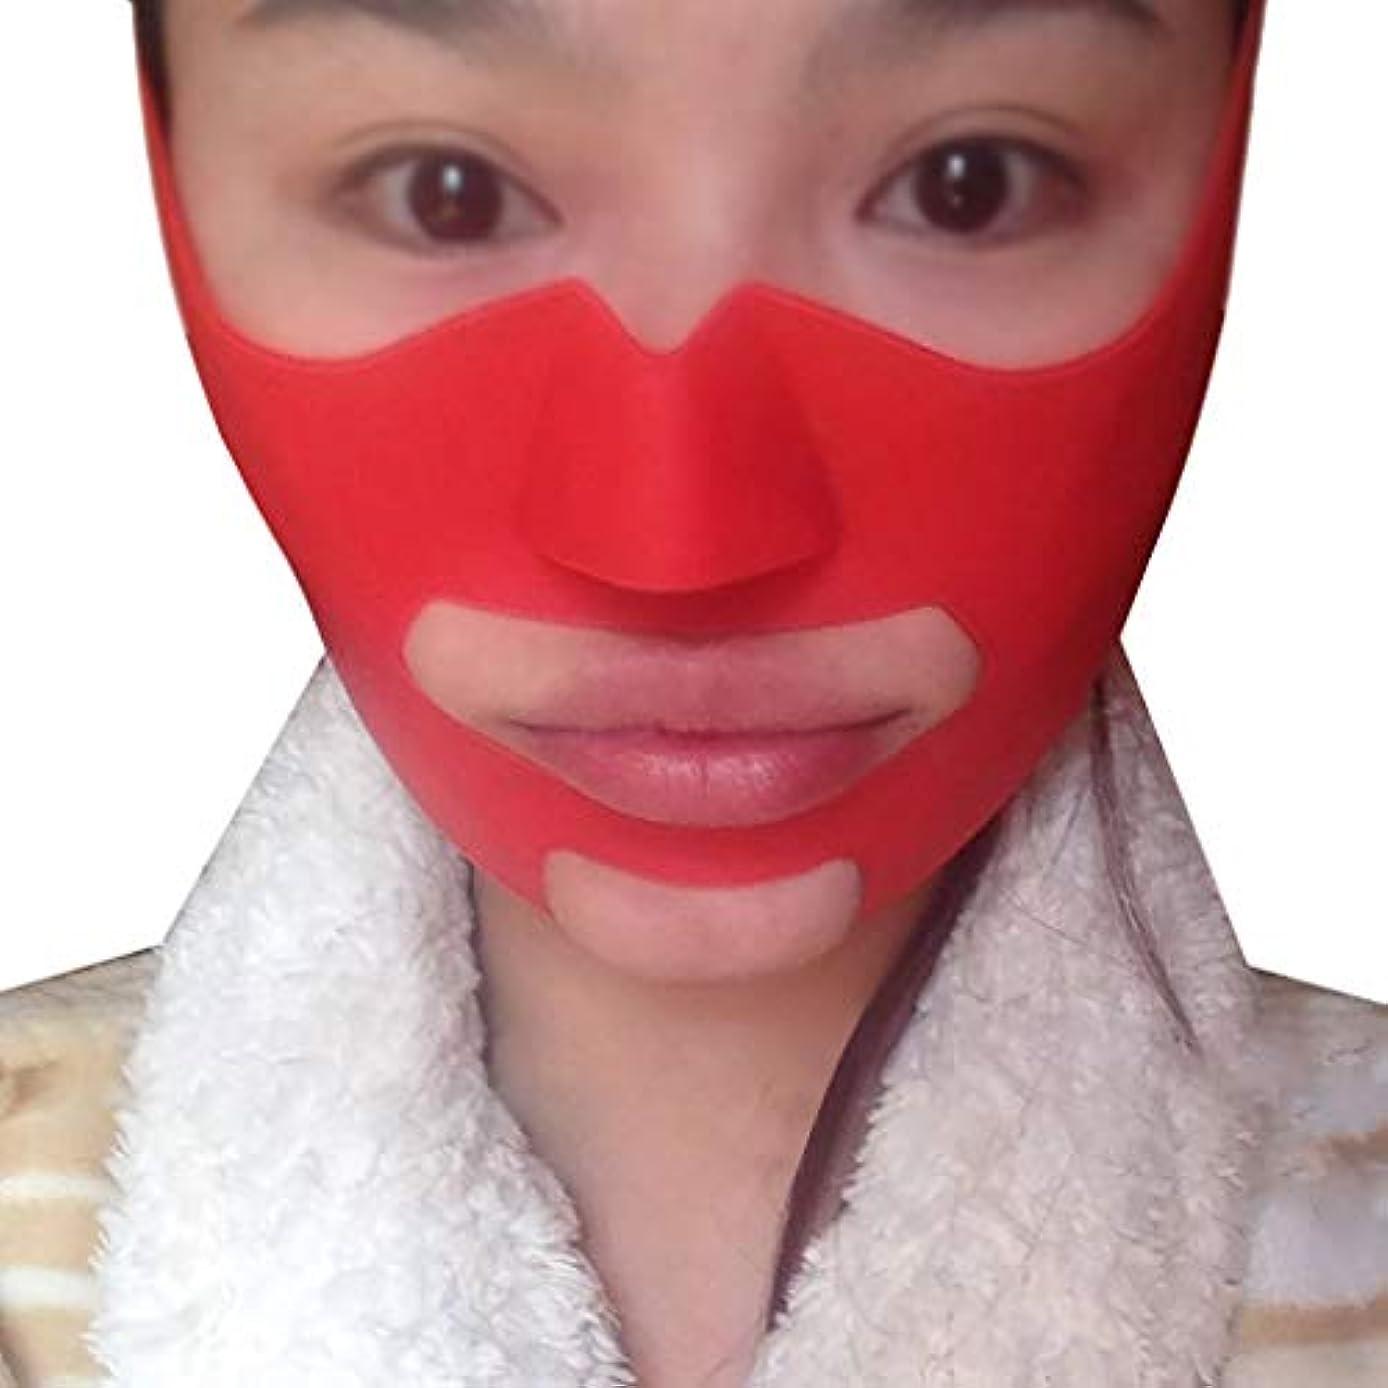 もの欠伸葬儀フェイスリフトマスク、シリコーンVフェイスマスクフェイスマスク強力な薄い咬筋の筋肉は、パターンのアーティファクト小さなVフェイス包帯の顔と首のリフトを解くためにリンゴの筋肉を持ち上げます